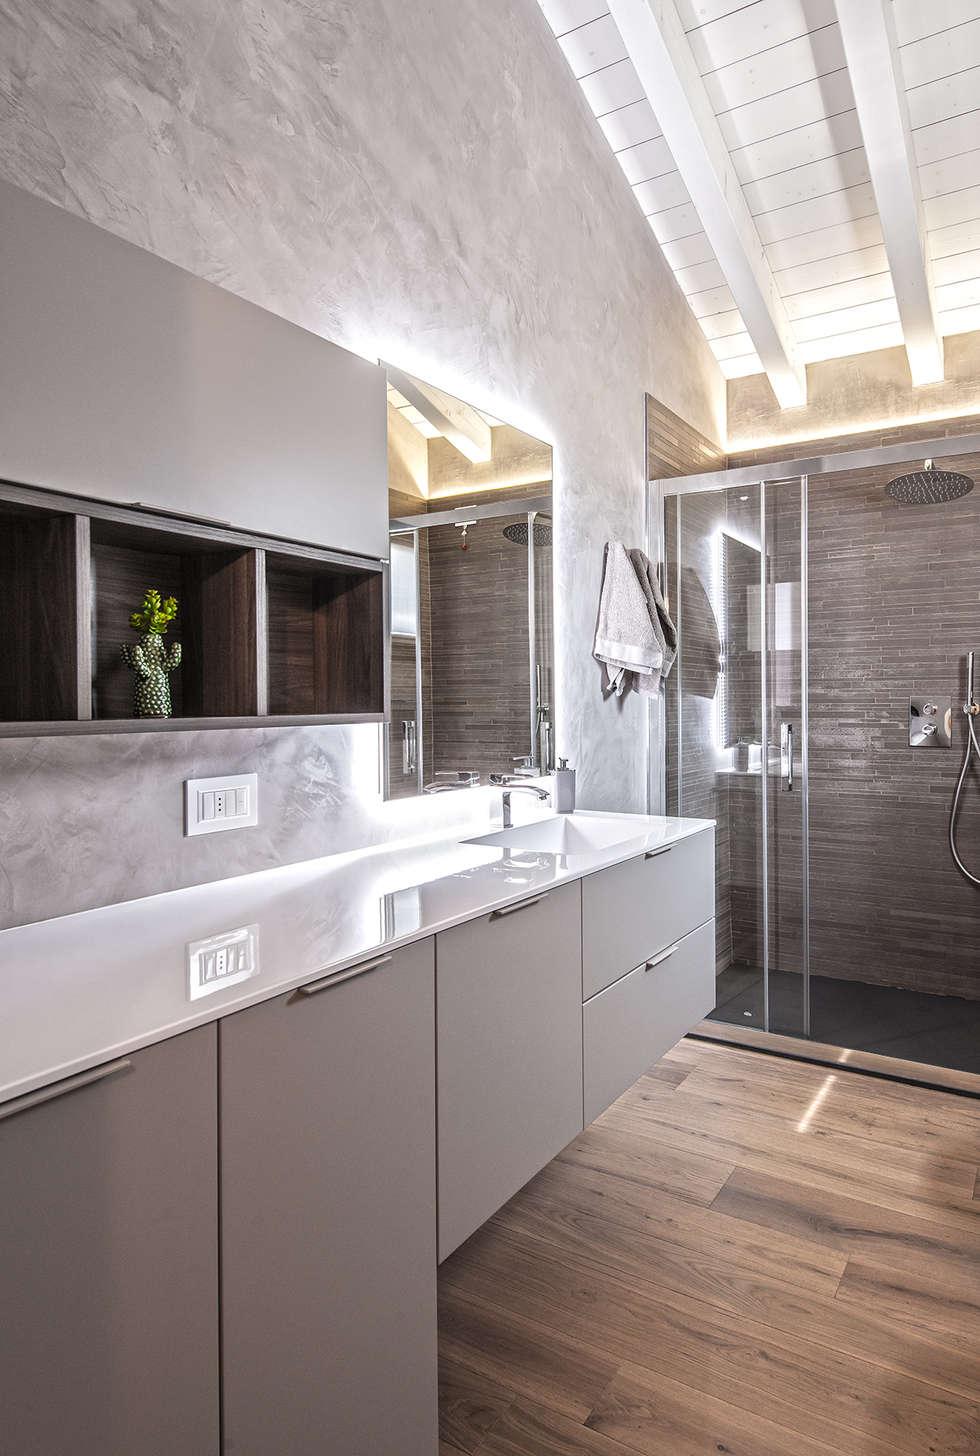 COLORI CHE SCALDANO IL CUORE: Bagno in stile in stile Moderno di Studio Moltrasio - Zero4 Snc